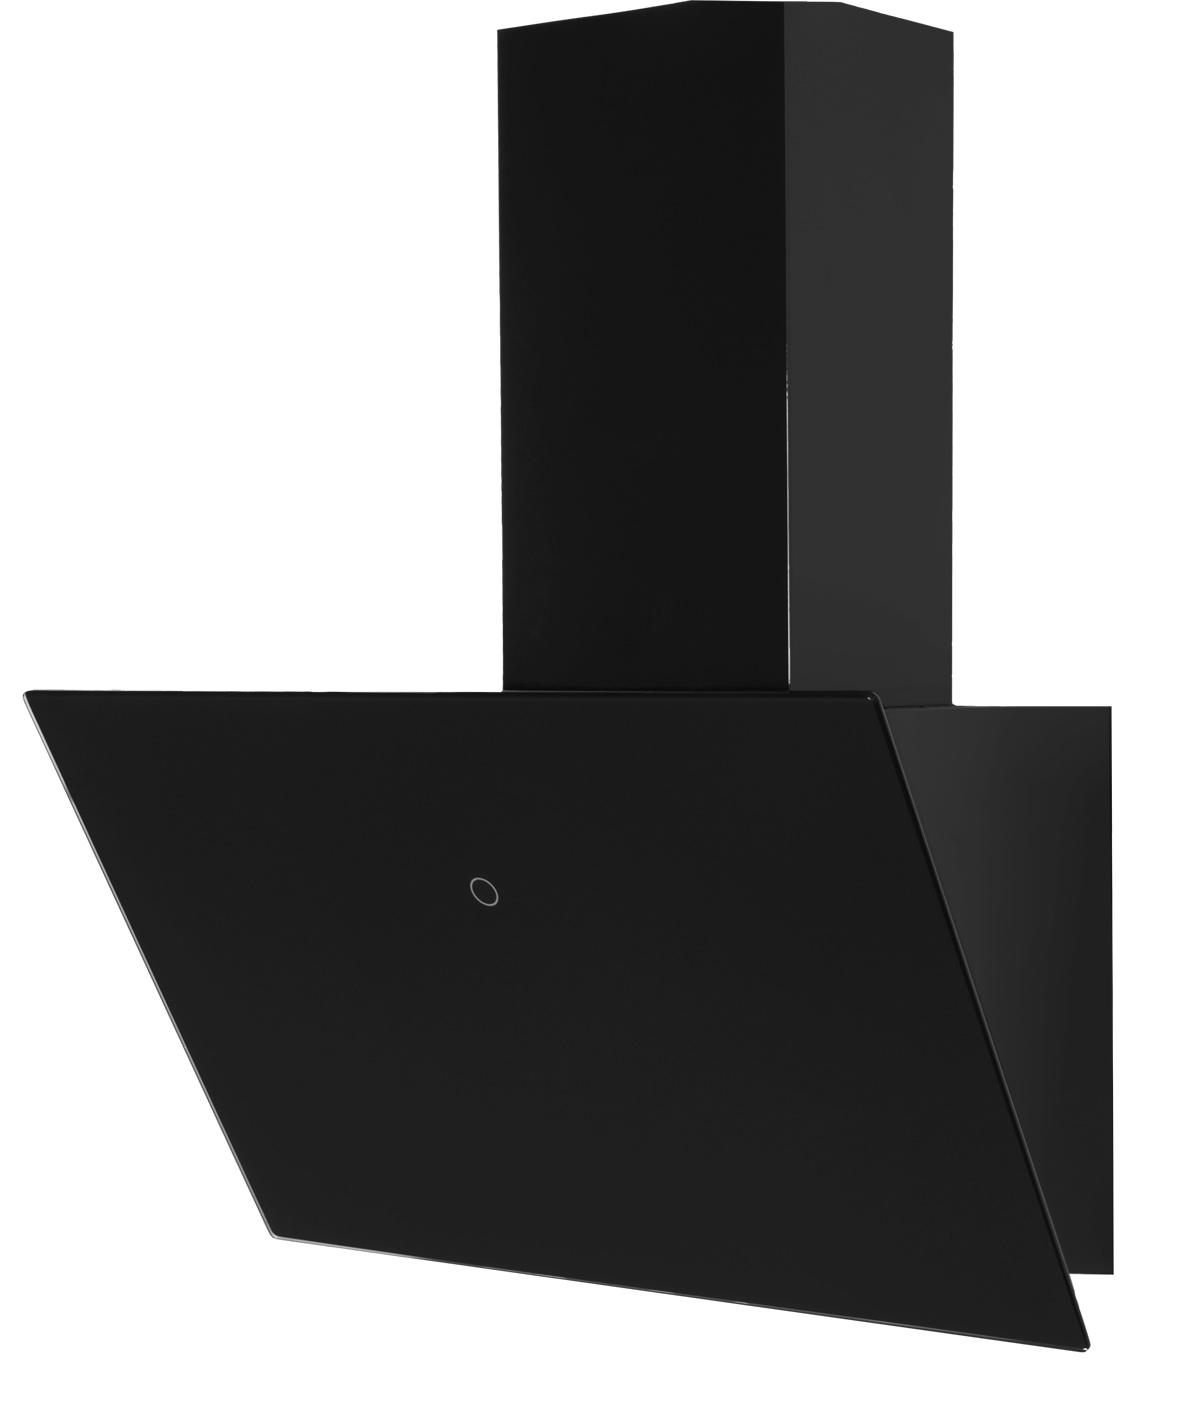 Вытяжка Exiteq EX-1156 black, 30211, черный